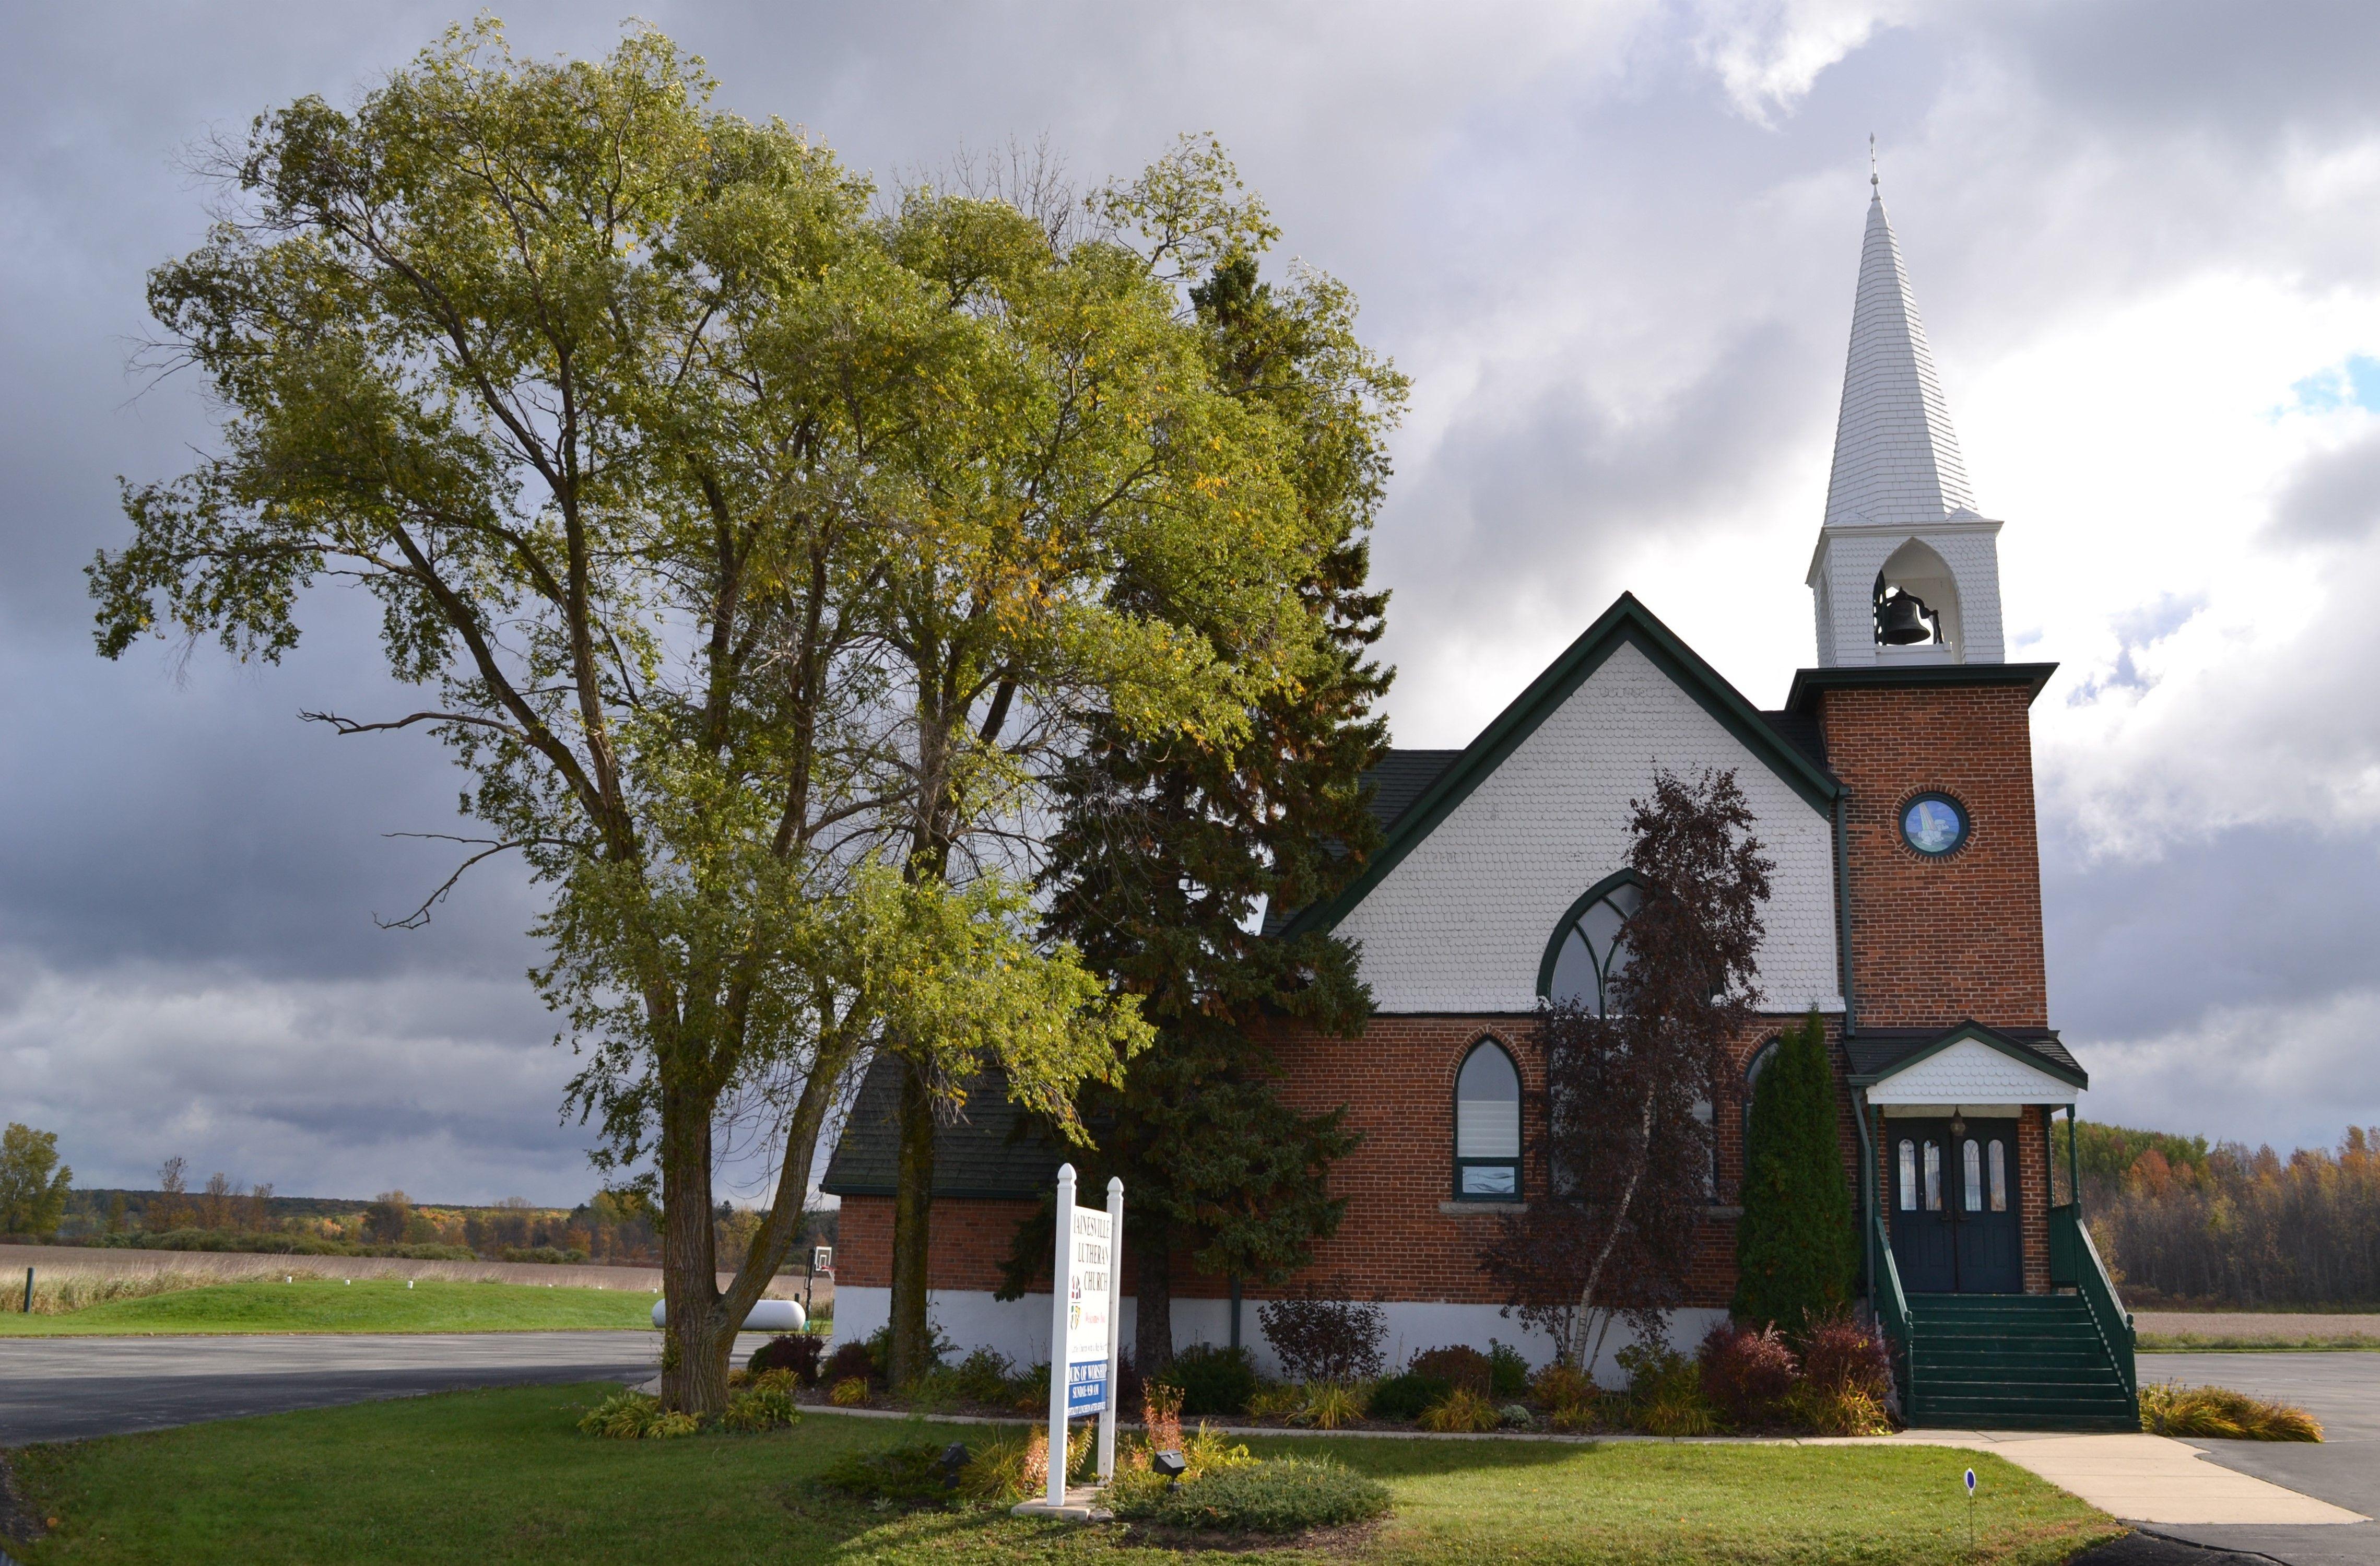 Hainesville Church 3944 Co Rd M, Sturgeon Bay, WI Church